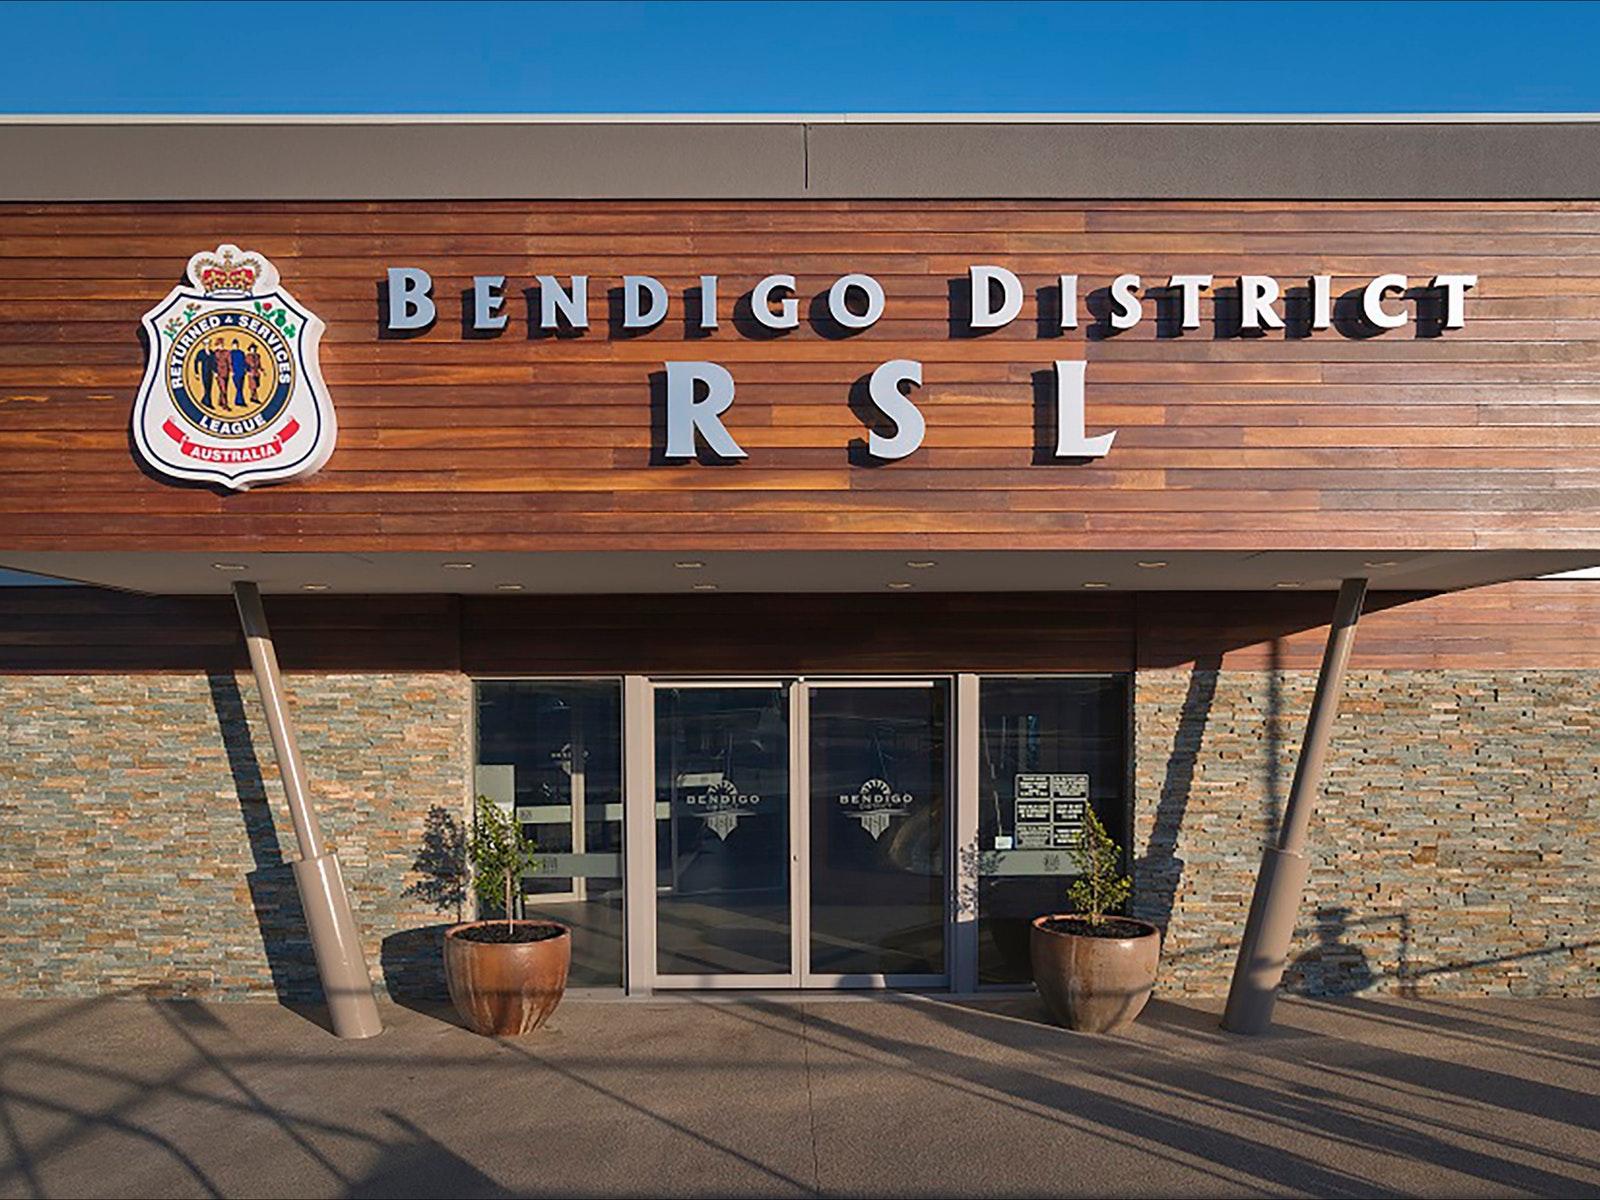 Bendigo District RSL